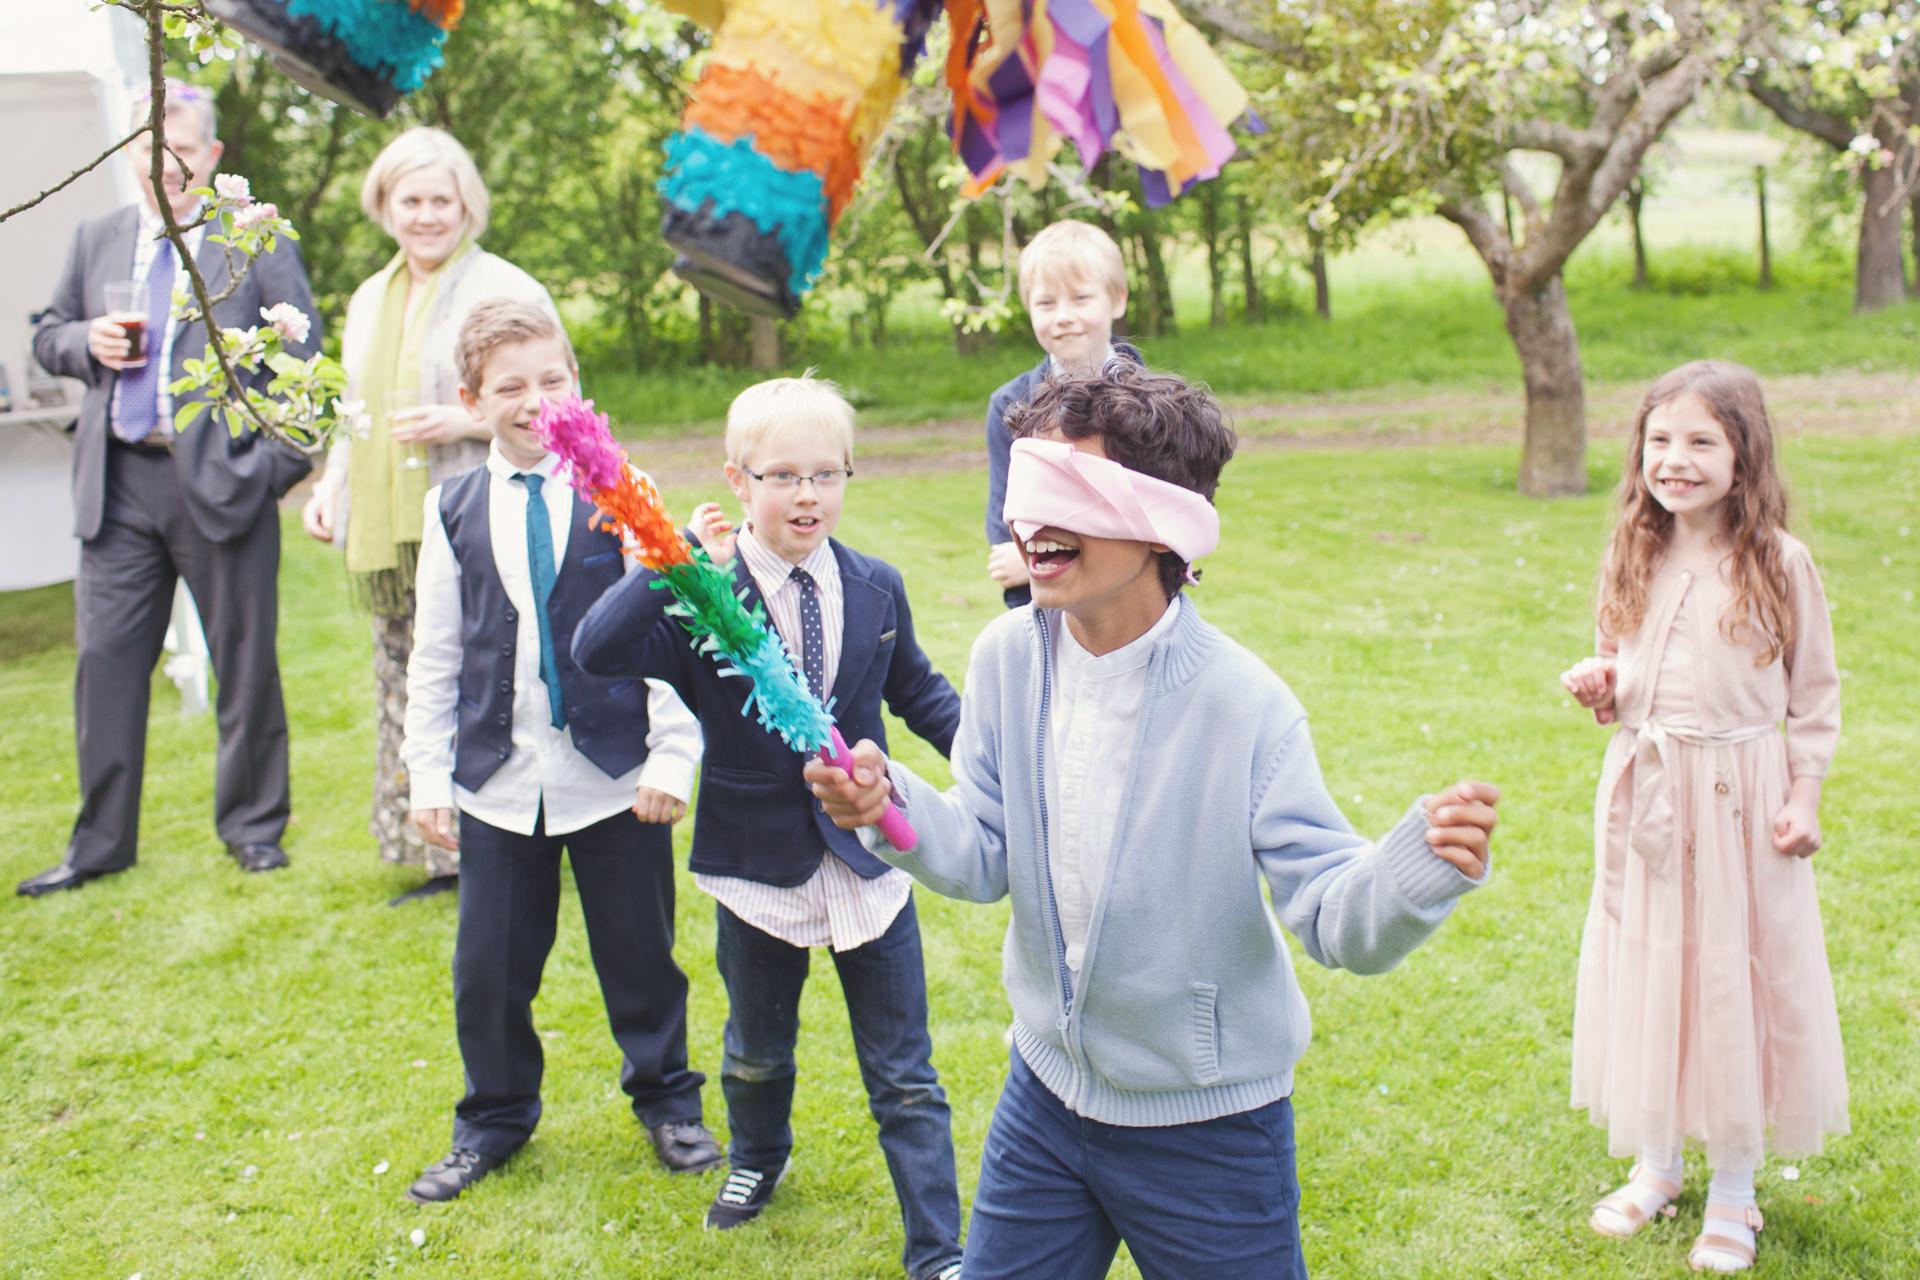 piñata at wedding